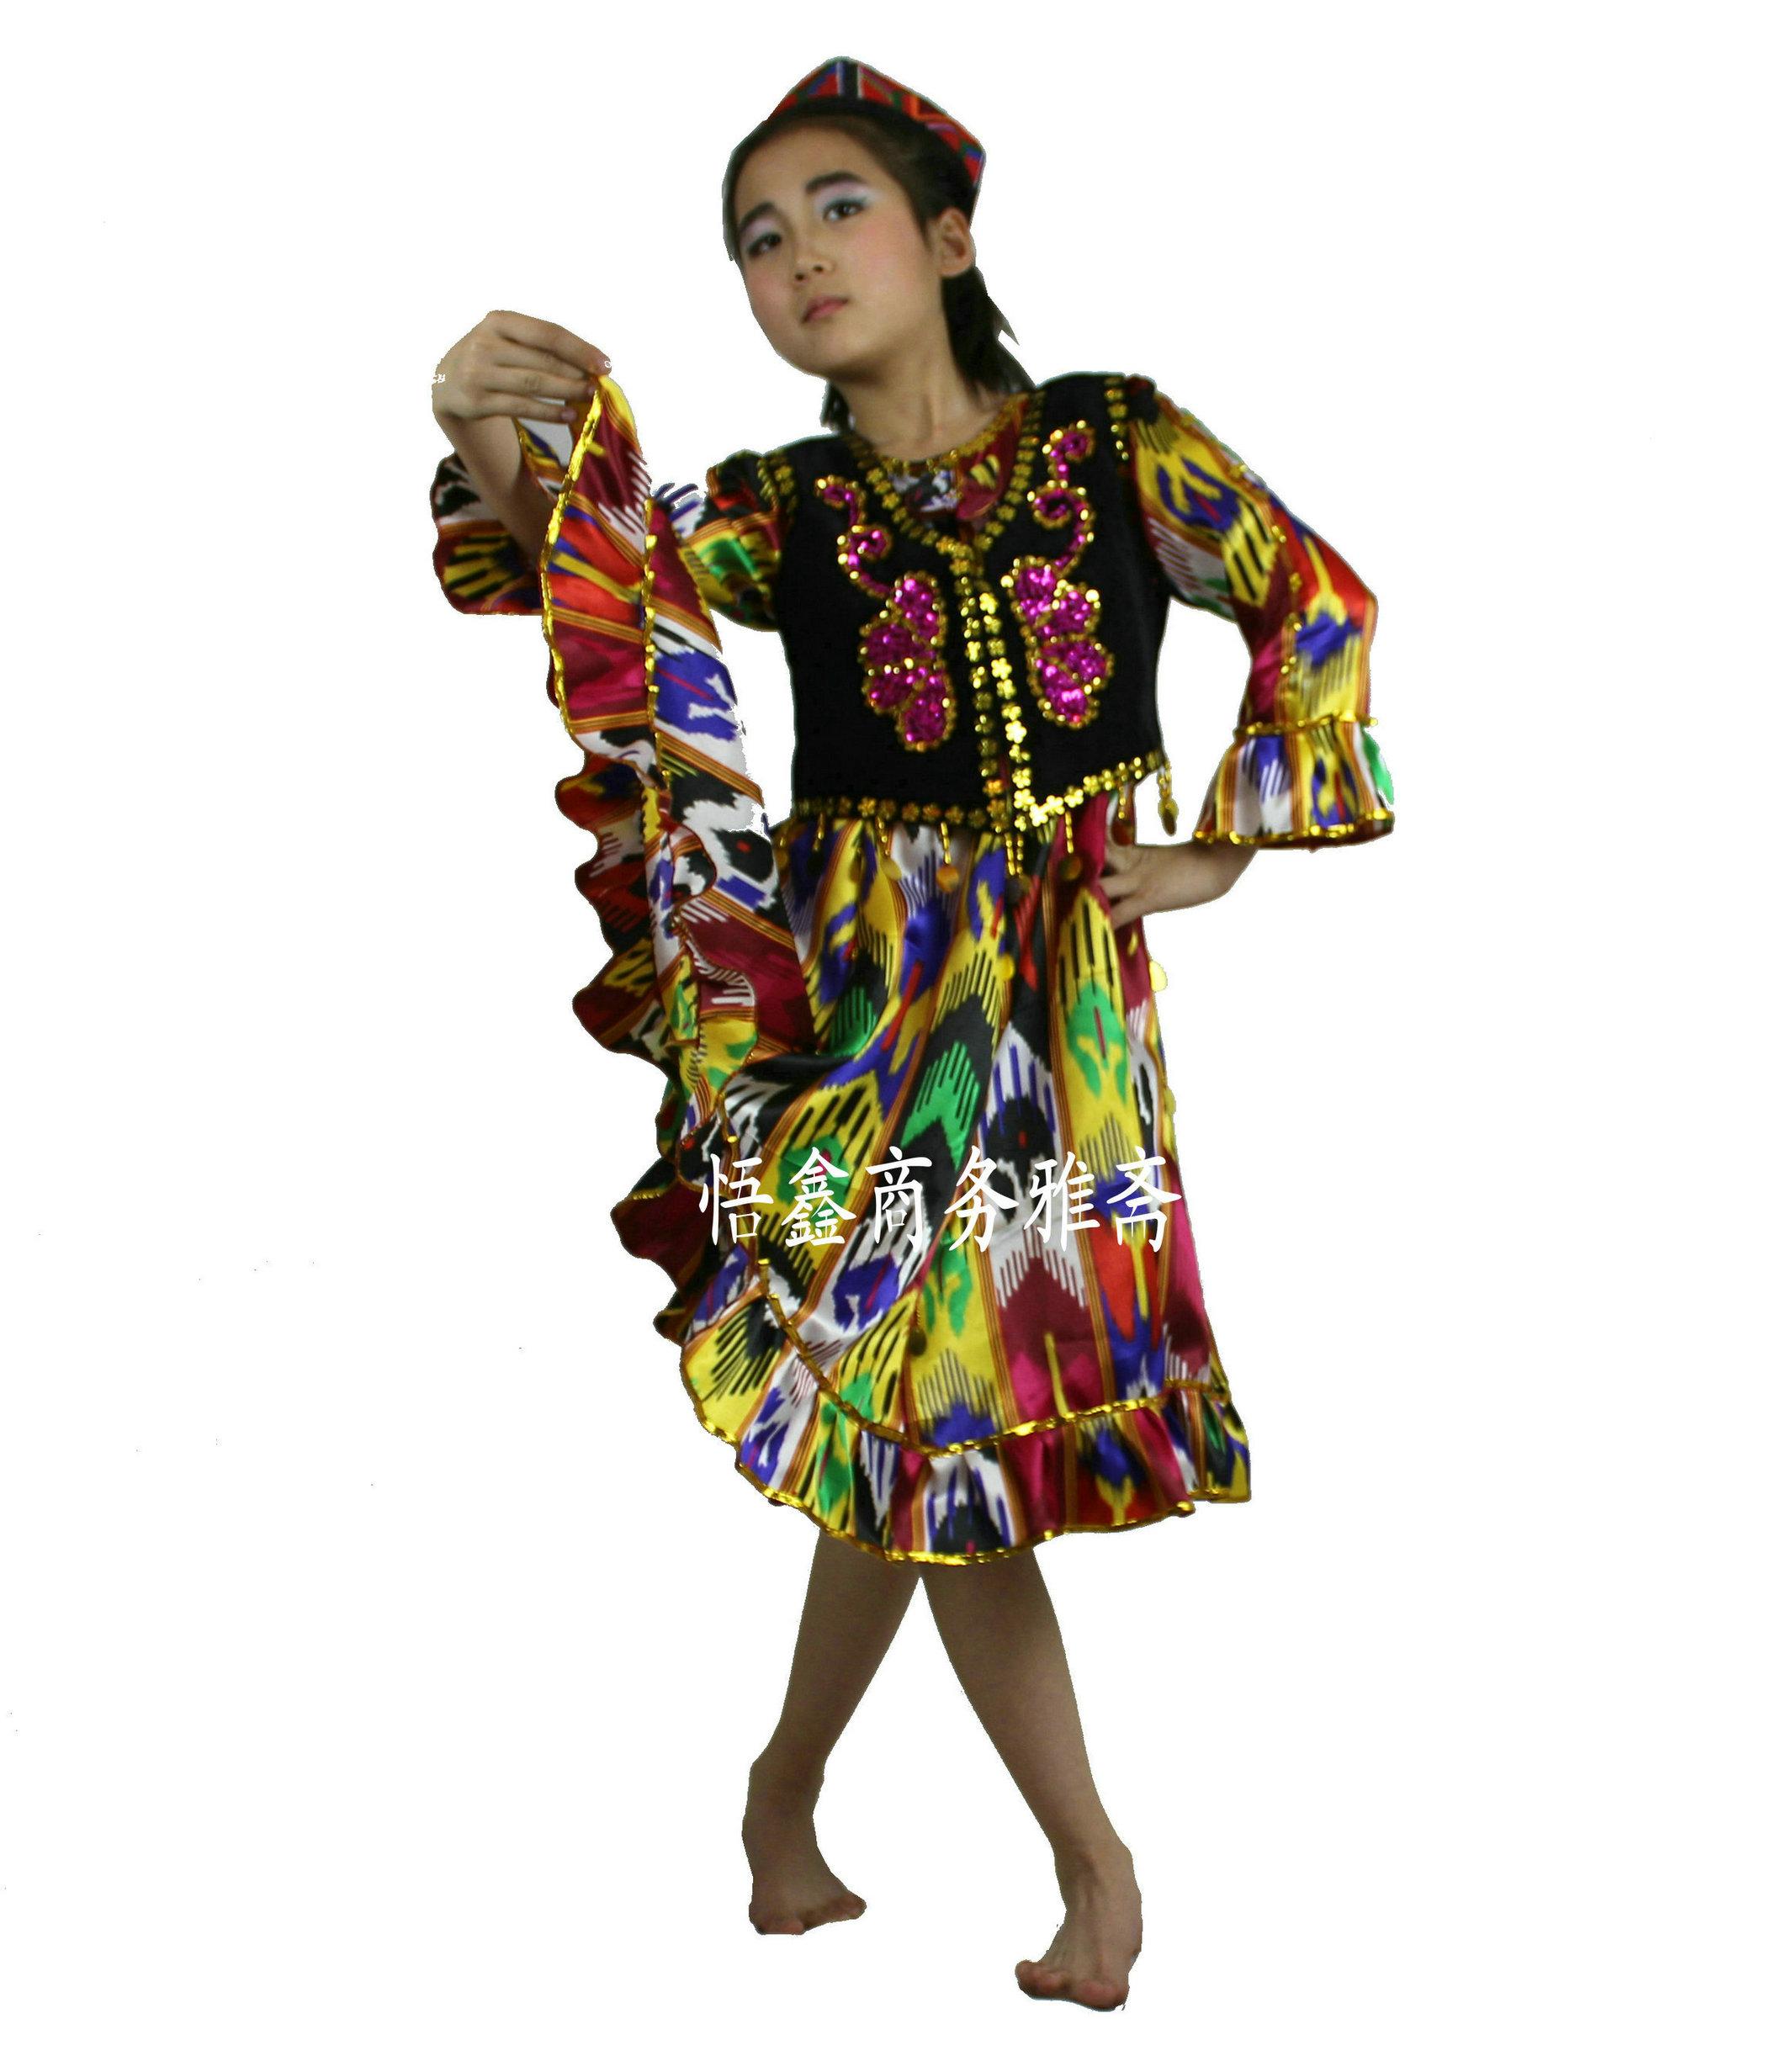 新疆帽子女少数民族舞蹈演出头饰成人维吾尔族花帽新疆儿童小帽